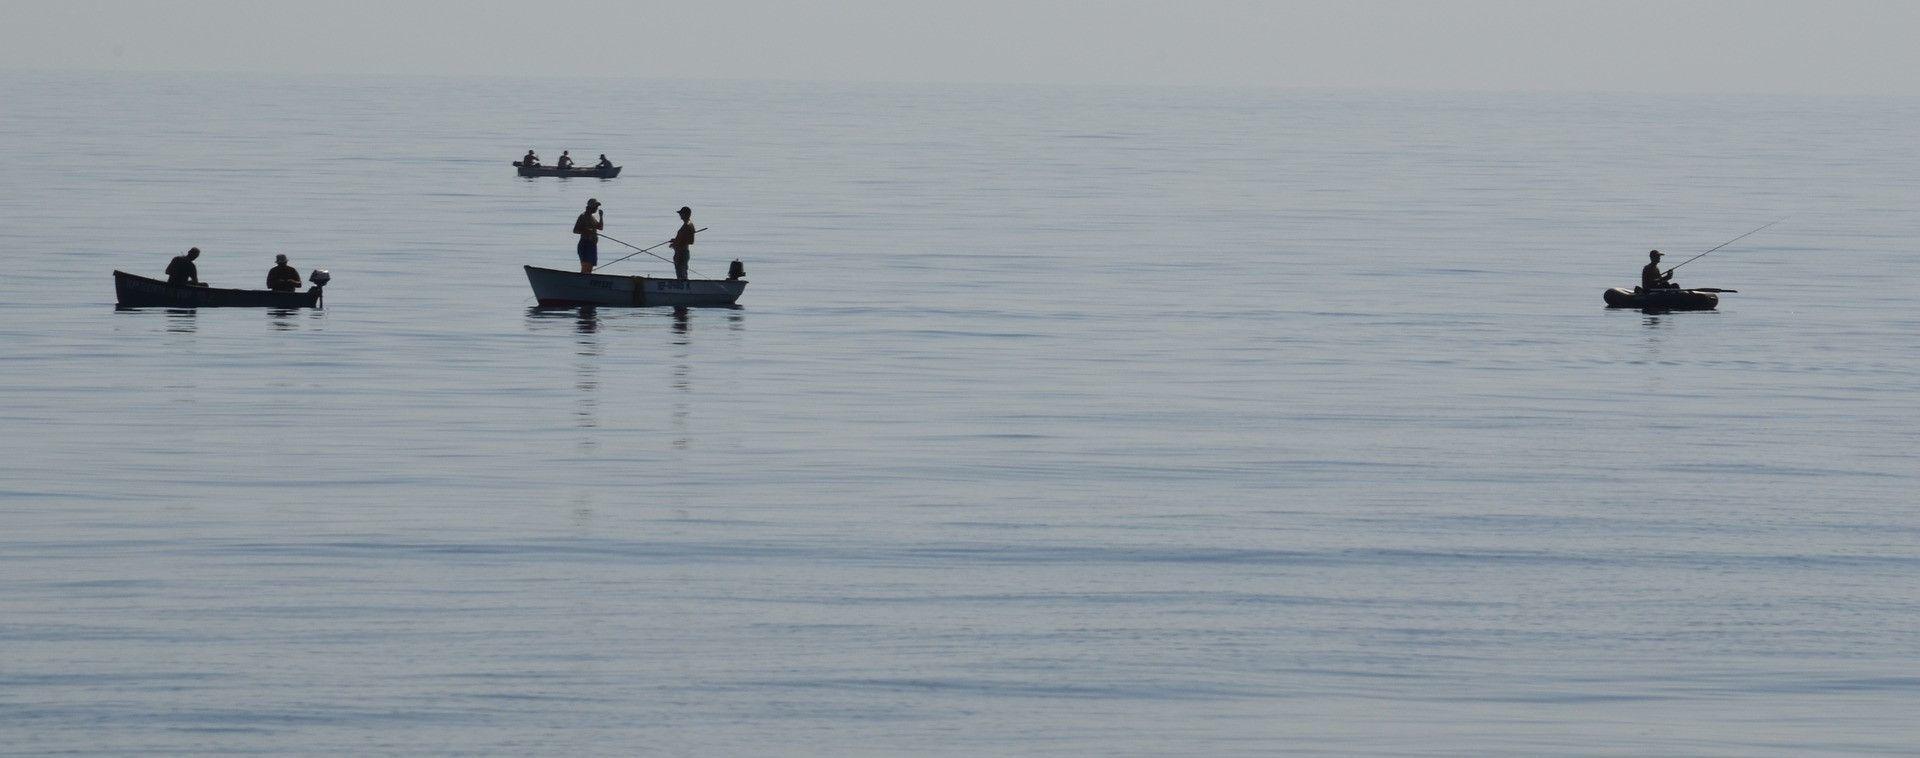 Украинские рыбаки обеспокоены действиями РФ у берегов Крыма